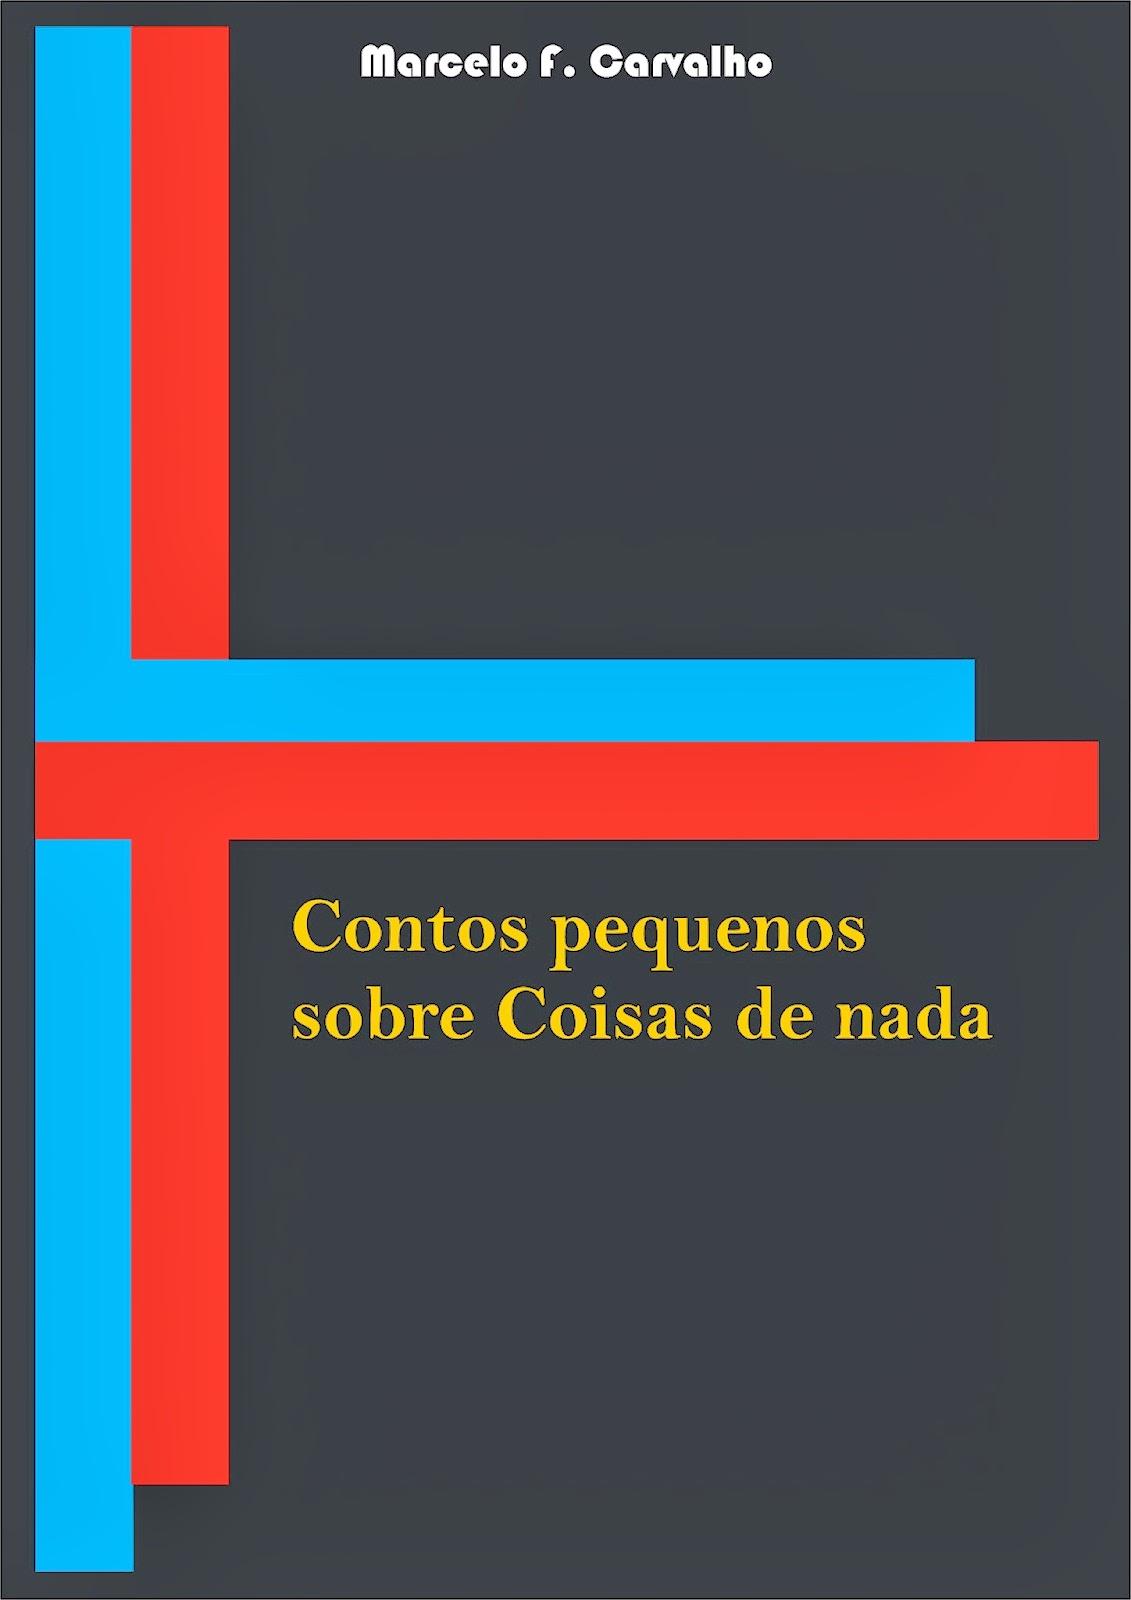 http://www.livrariasaraiva.com.br/produto/6783967